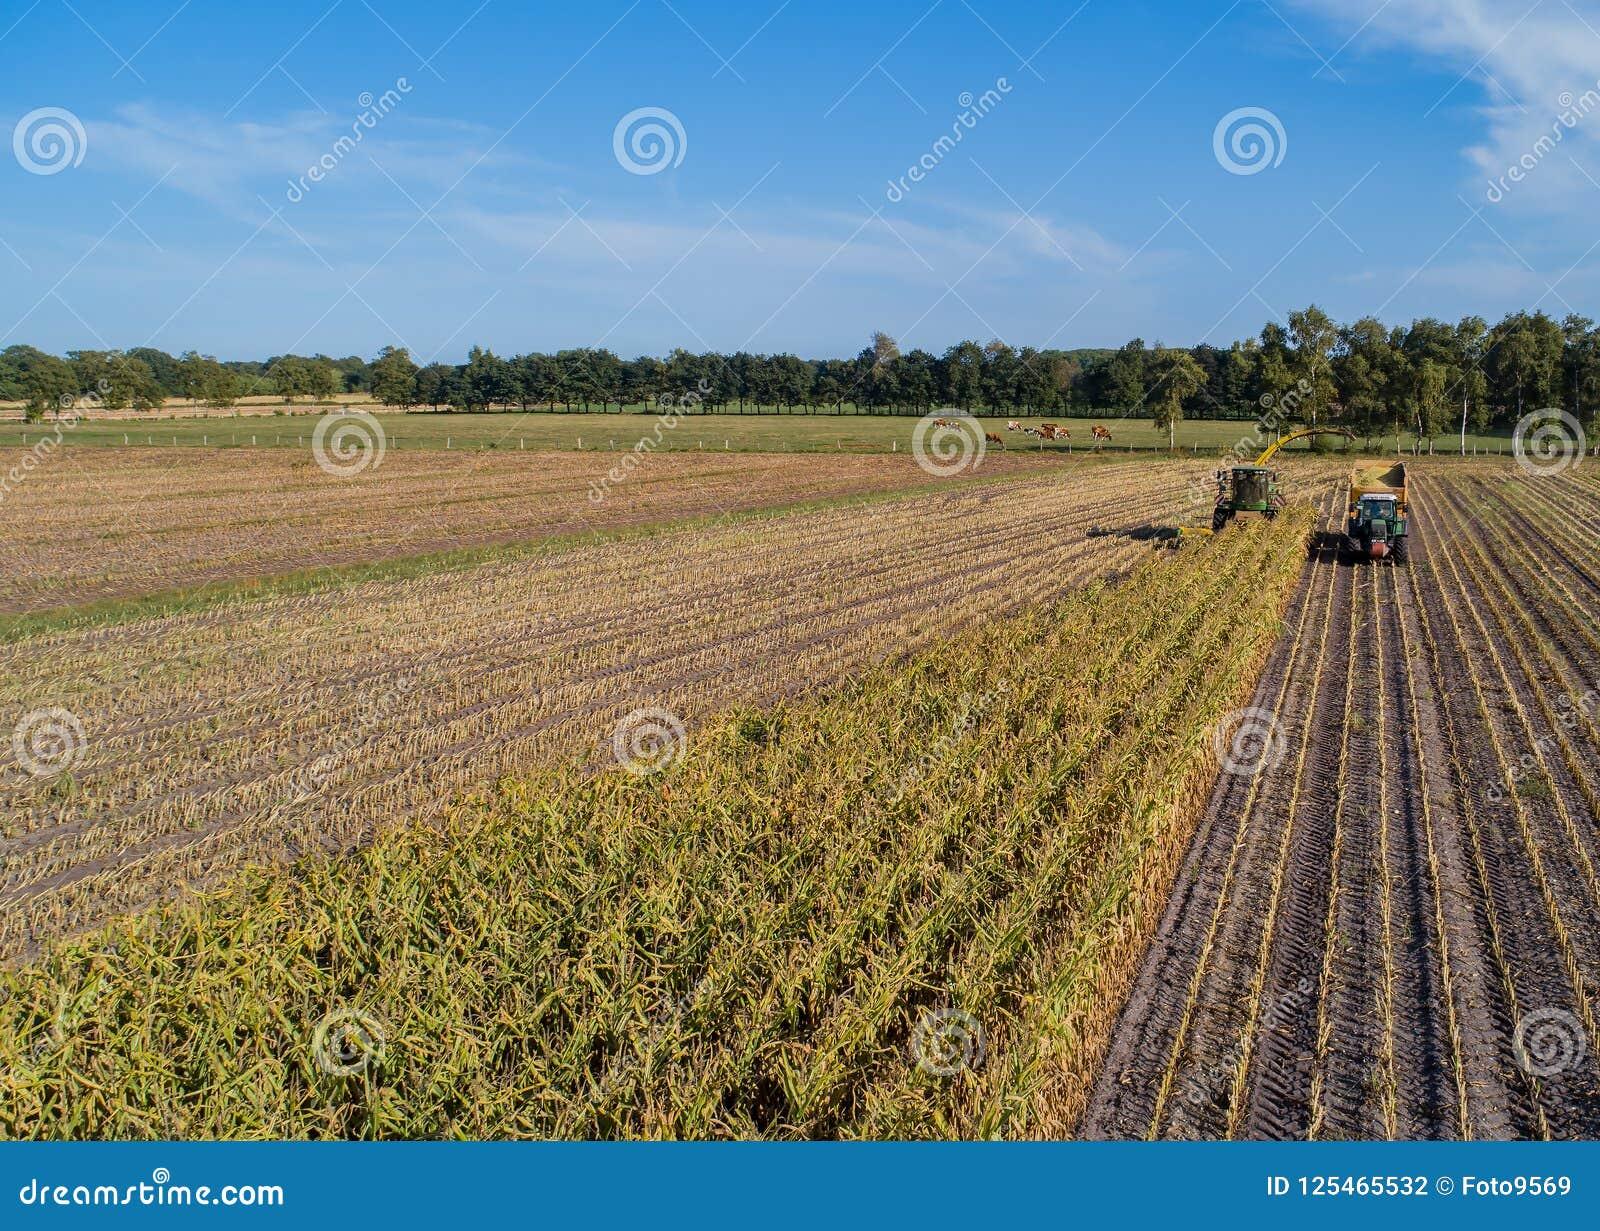 汉堡,德国- 2018年9月04日:玉米收获,玉米在行动的饲料收获机,有拖拉机的收获卡车在汉堡